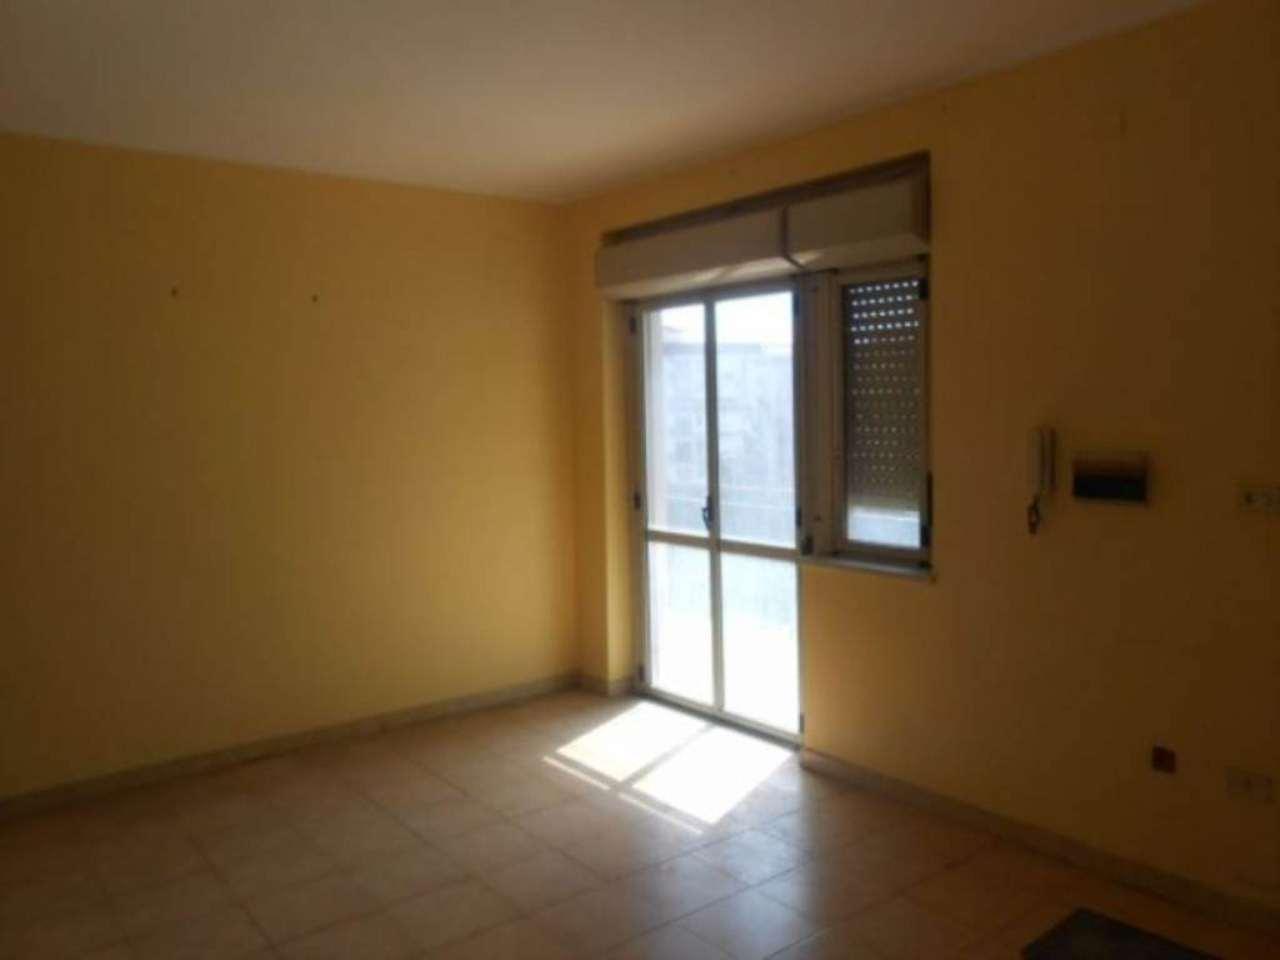 Appartamento in vendita a Giugliano in Campania, 6 locali, prezzo € 87.000 | Cambio Casa.it